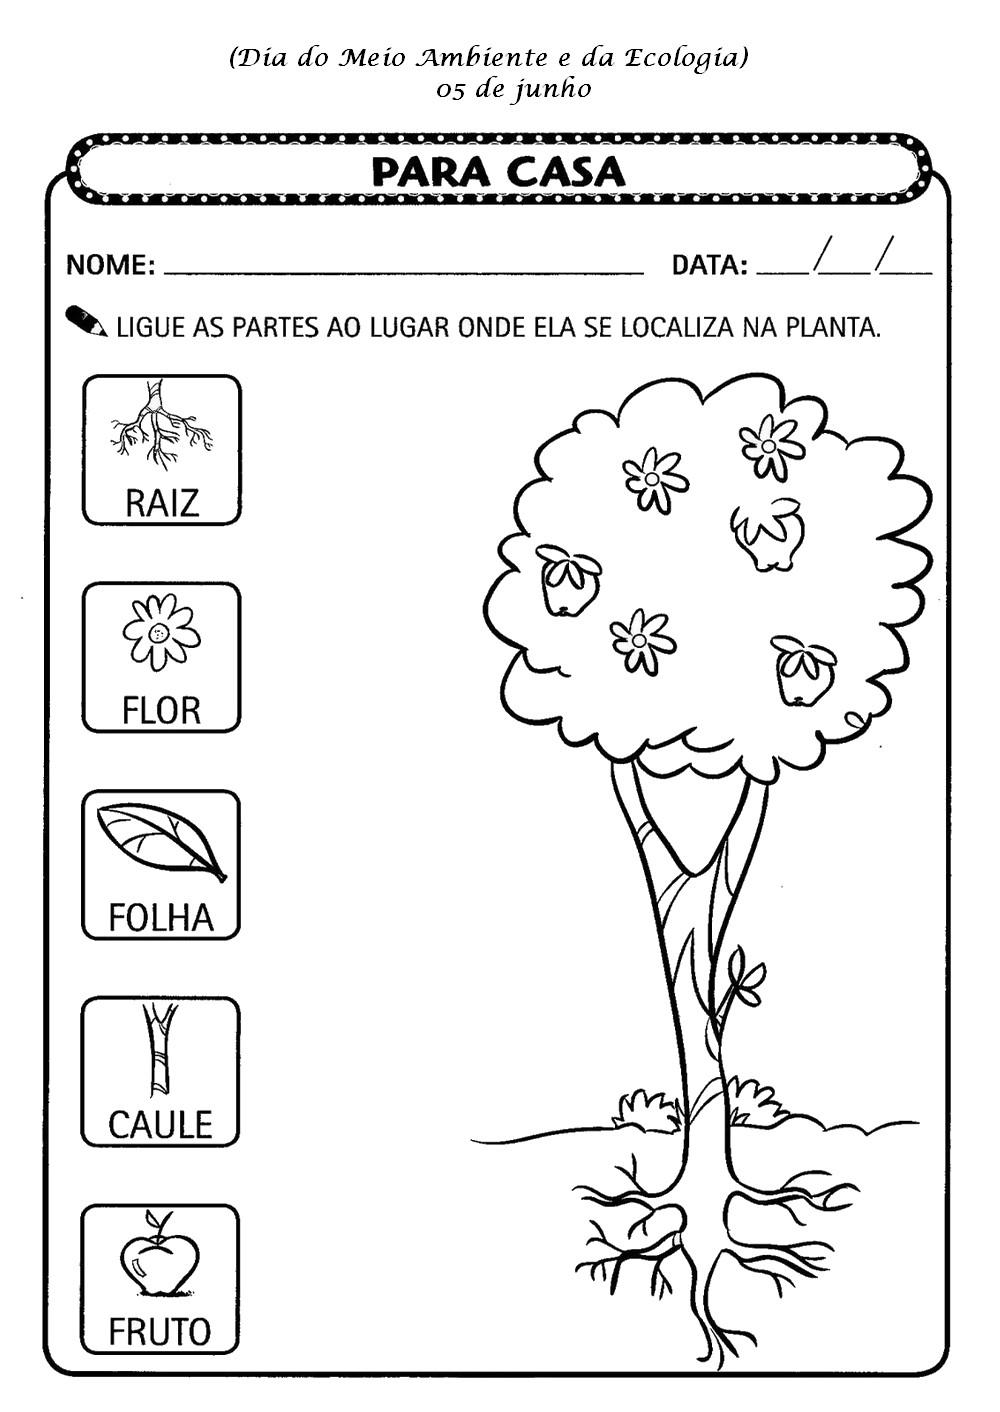 Dia Do Meio Ambiente E Ecologia Atividades Exercicios Desenhos